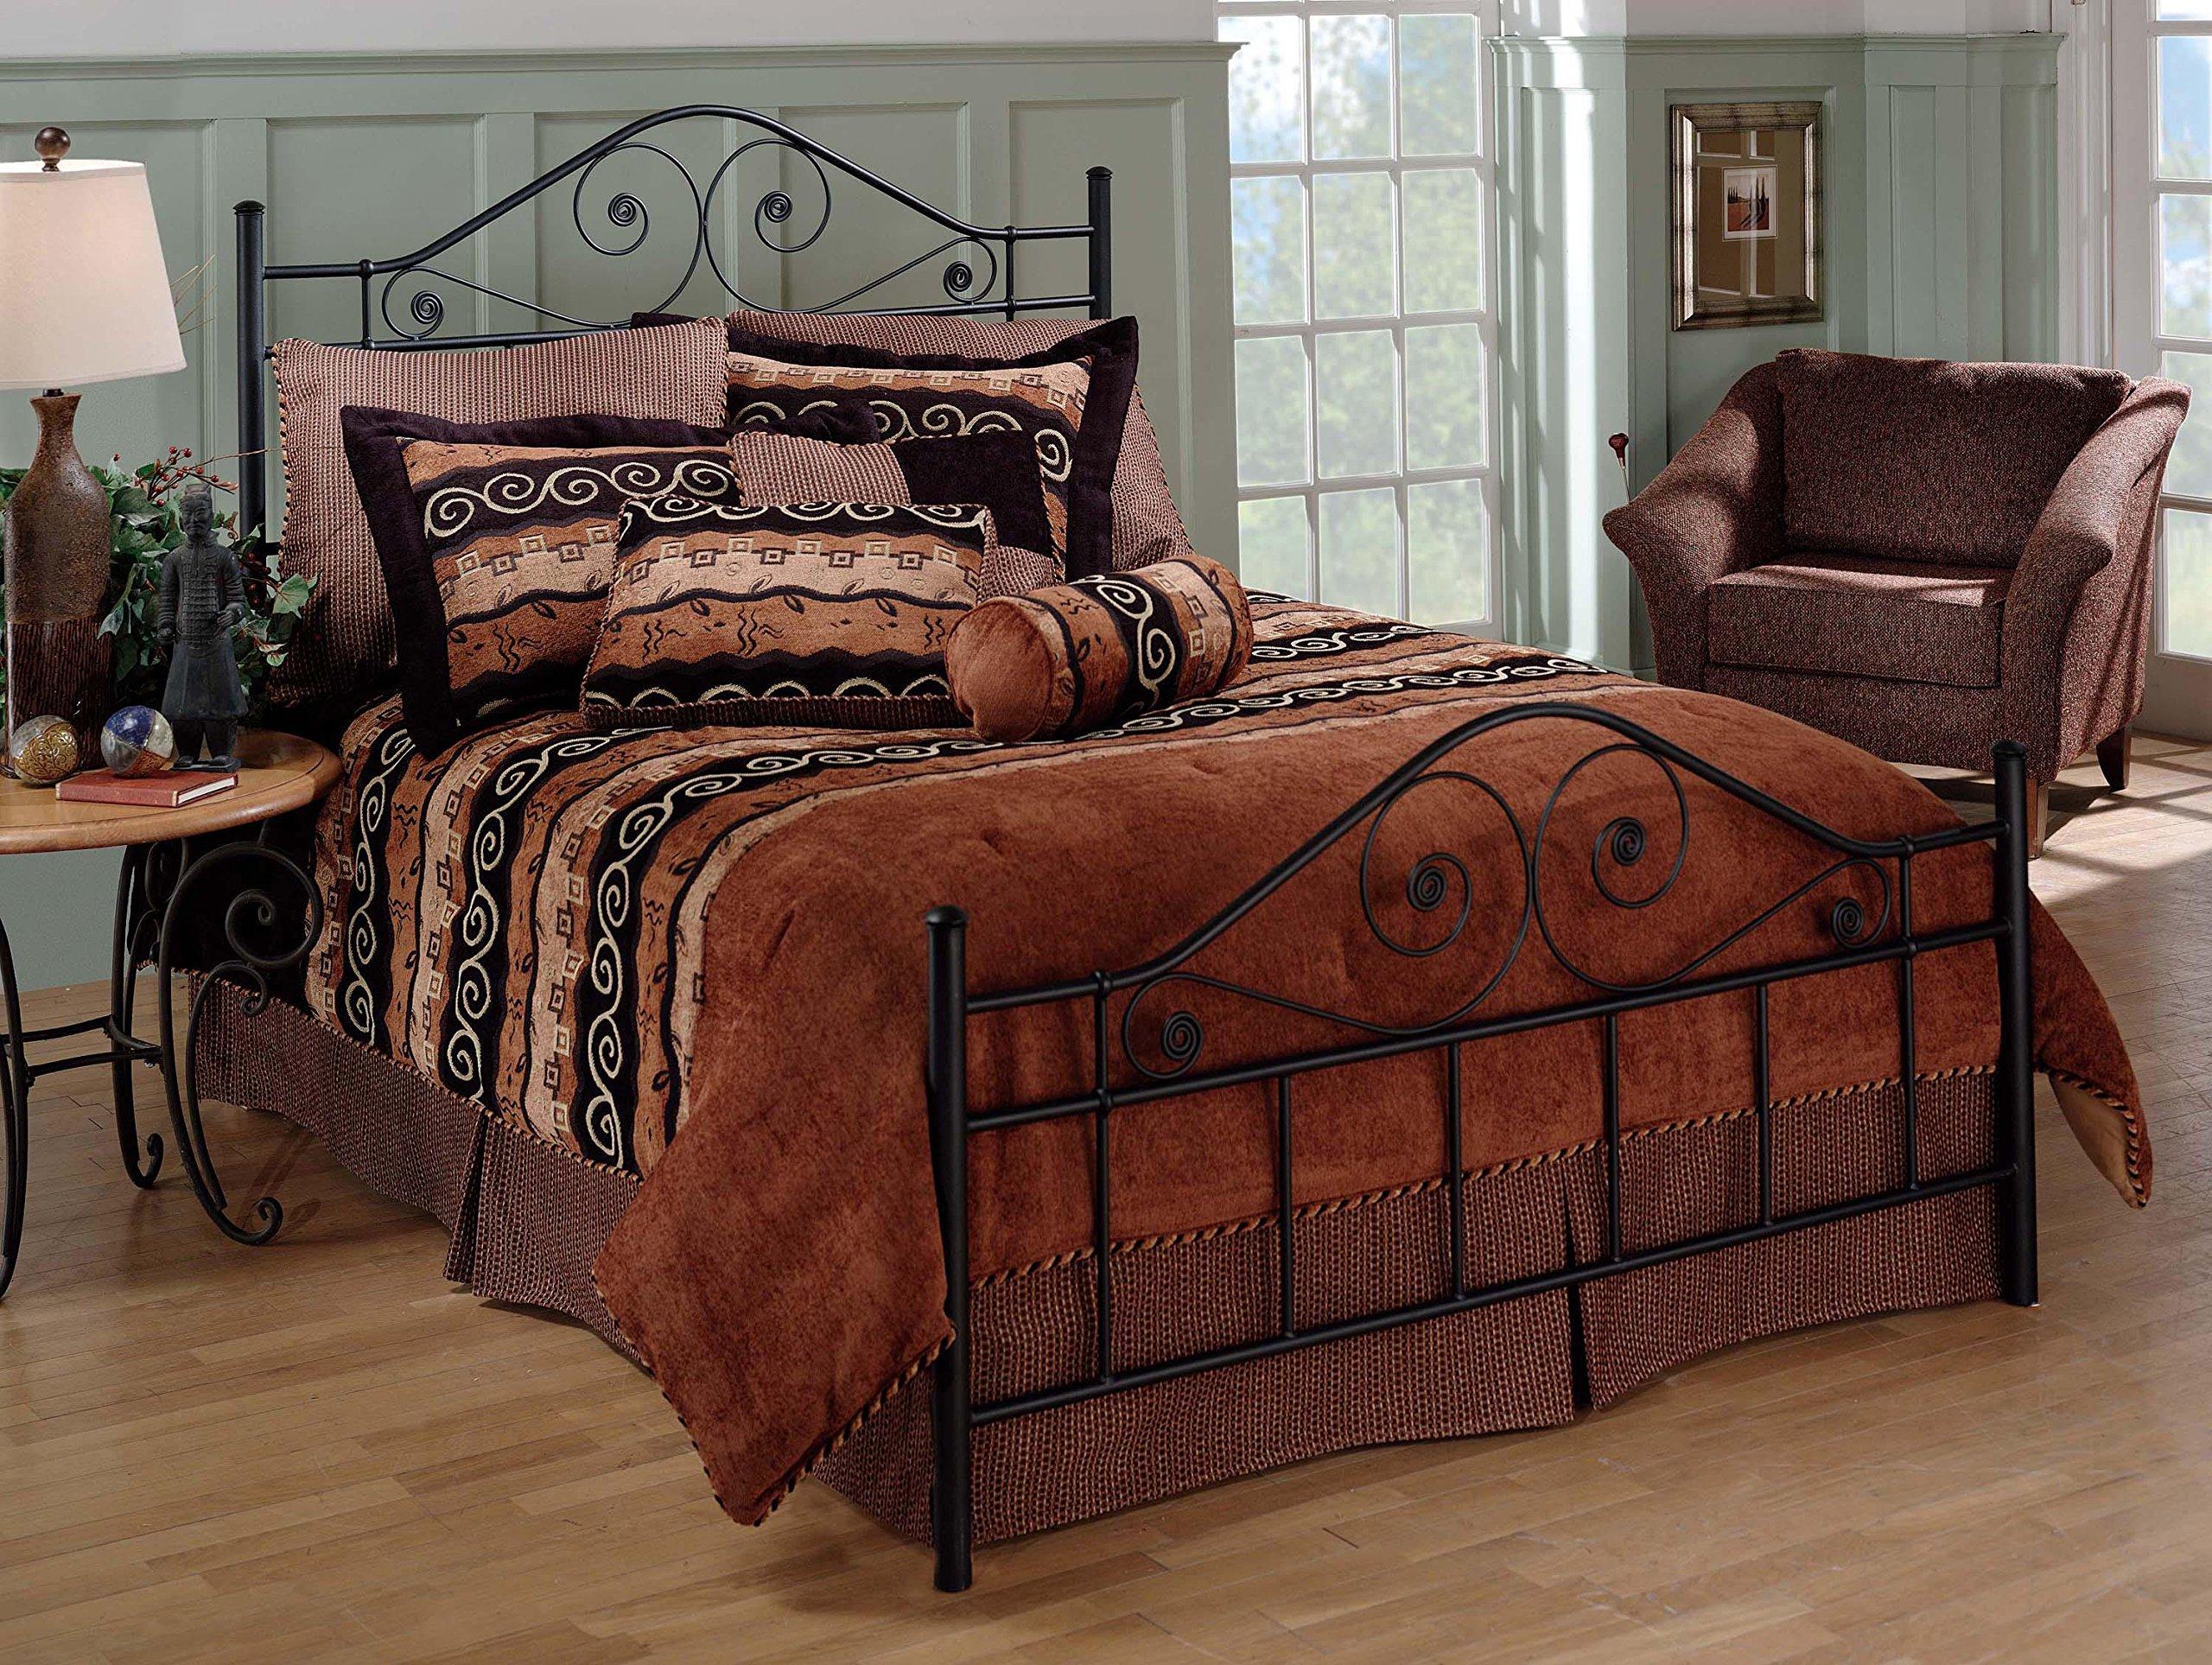 Hillsdale Furniture 1403BK Harrison Bed Set, King, Texture Black